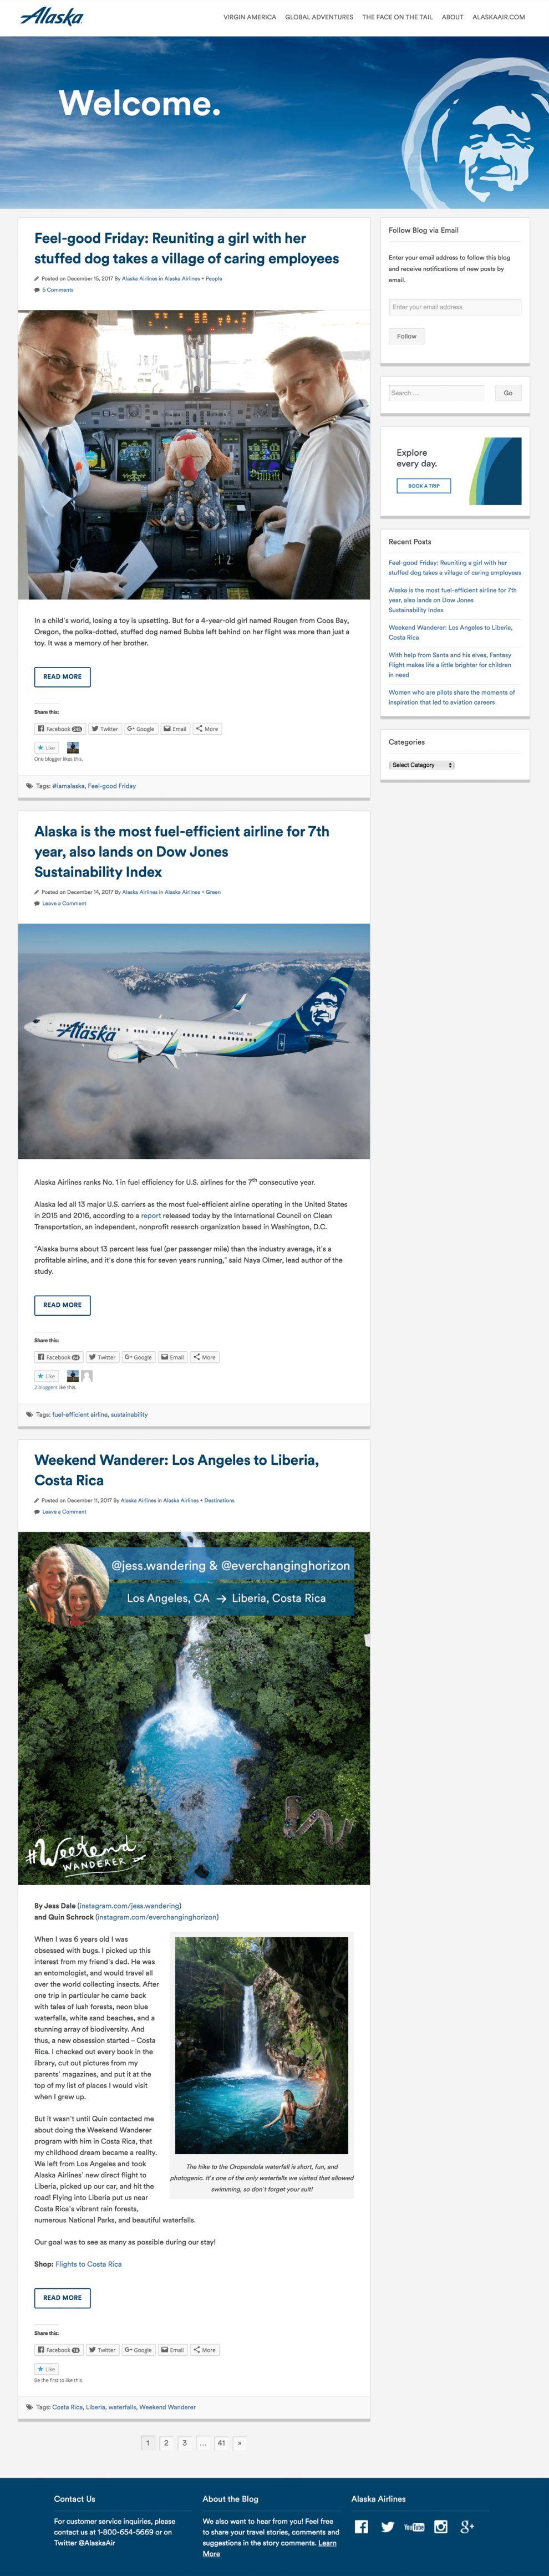 Virgin America Clean Blog Page